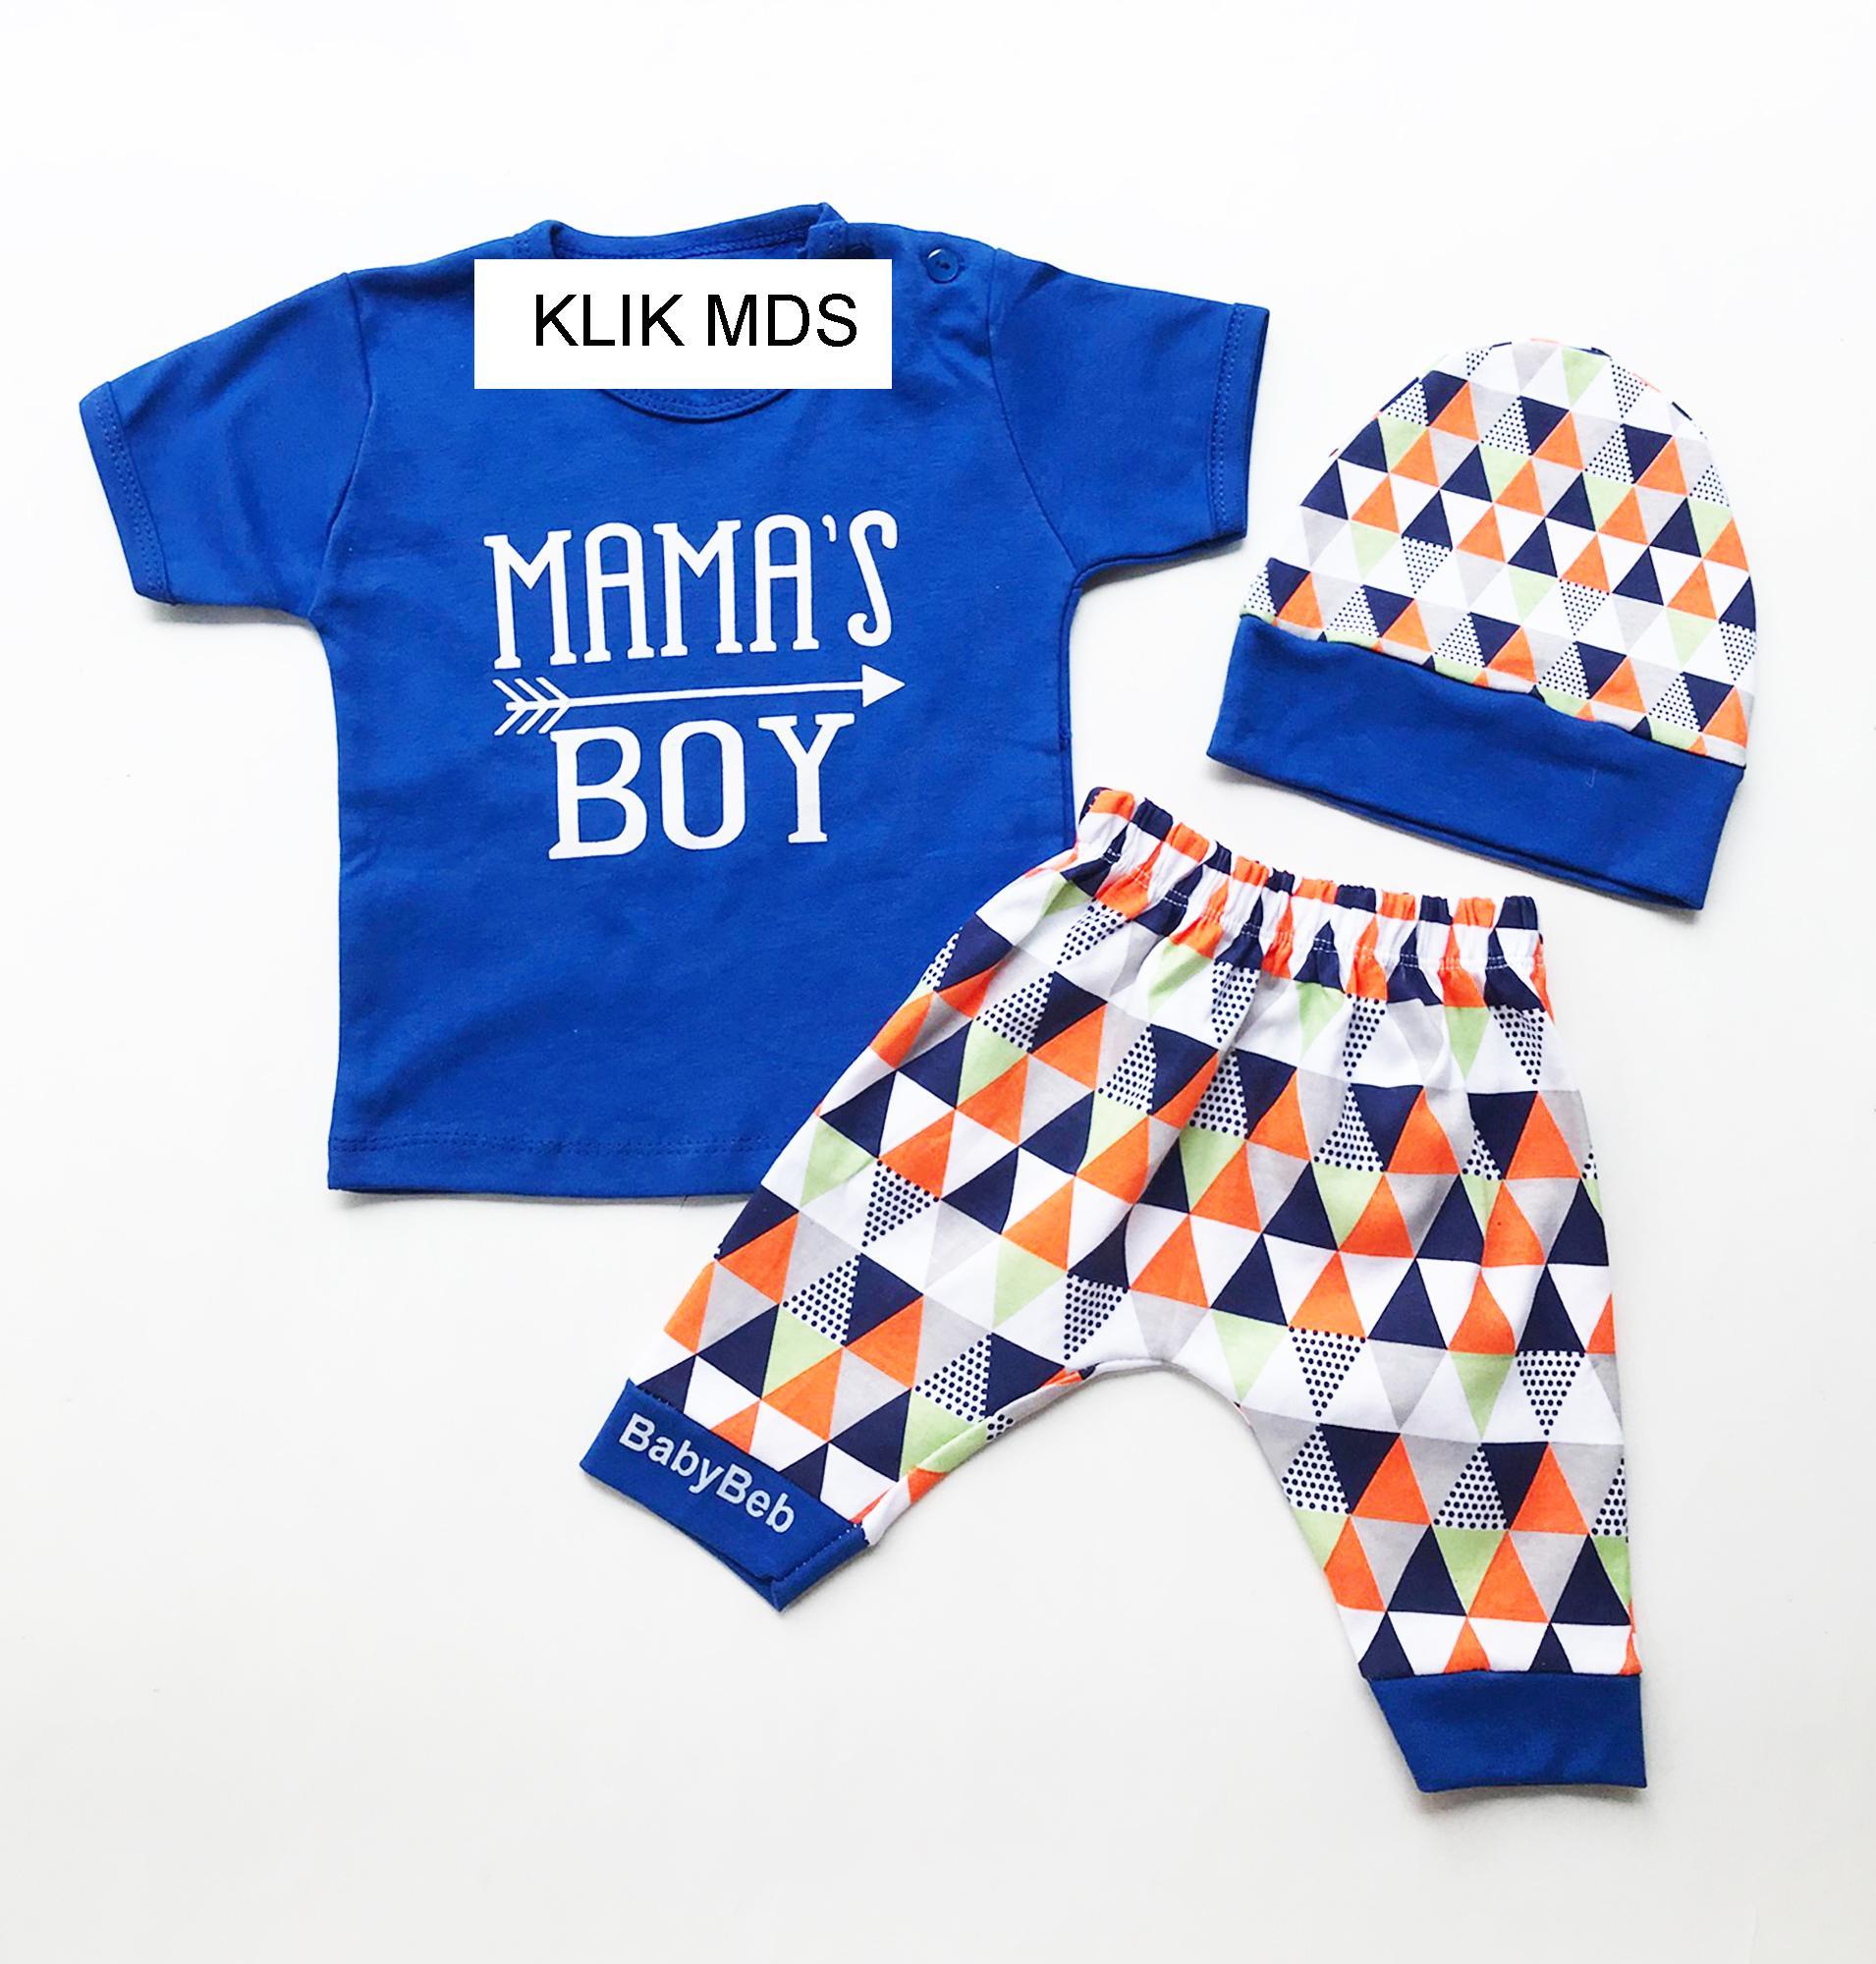 Pakaian Bayi Laki Baju Karakter Klik Mds Anak Setelan Atasan Dan Celana Motif Mamas Boy Free Topi